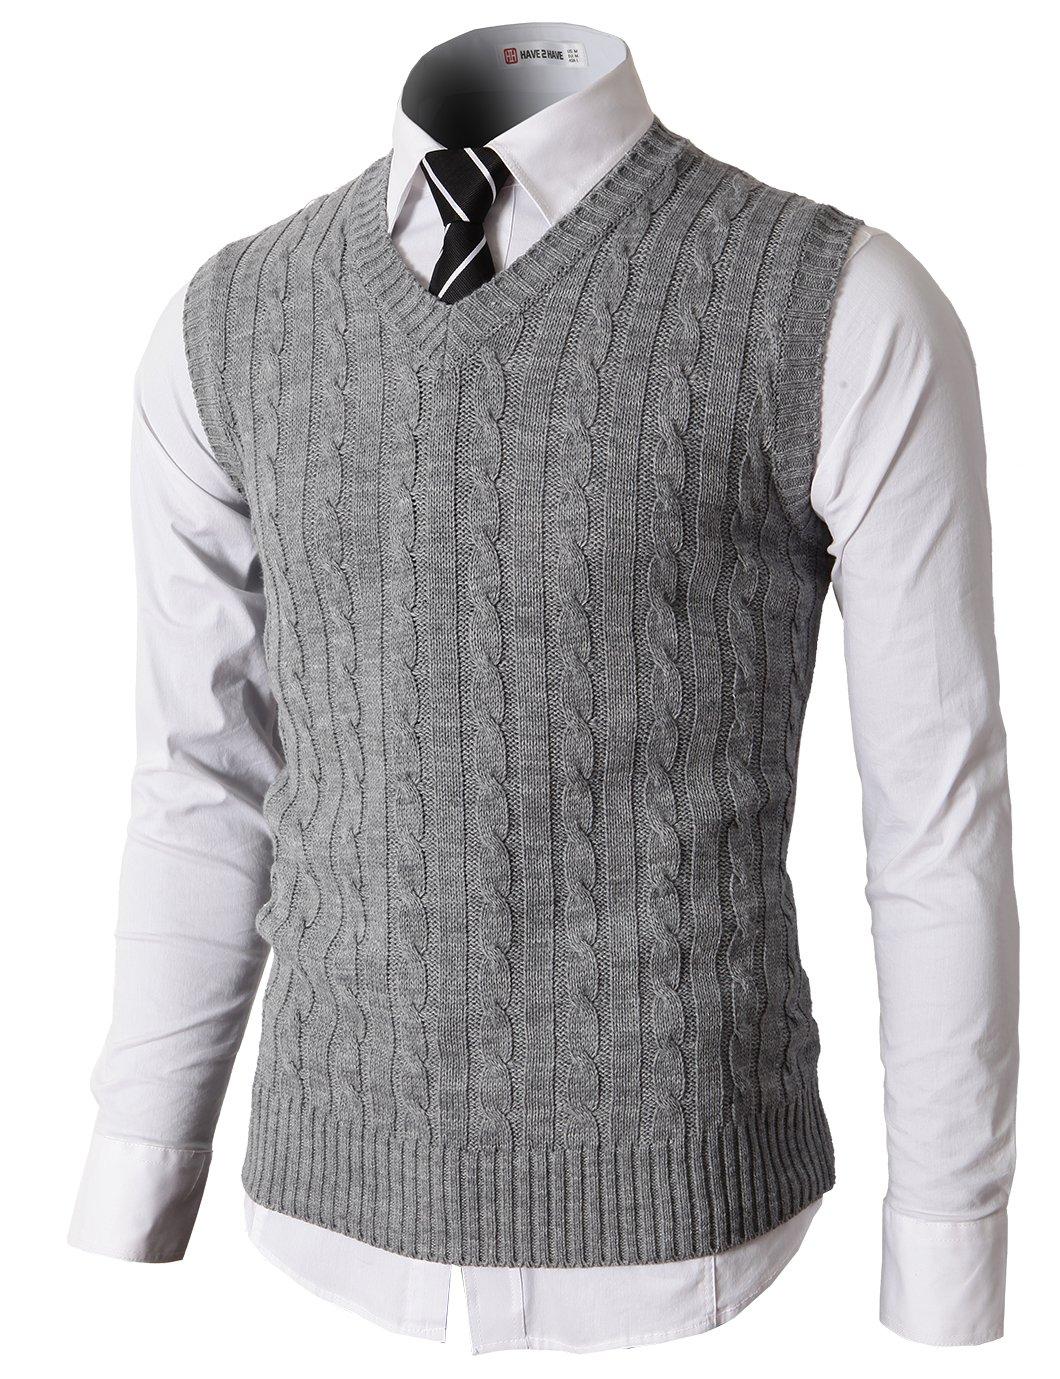 H2H Men's Douglas V-Neck Sweater Vest Gray US L/Asia XL (KMOV037) by H2H